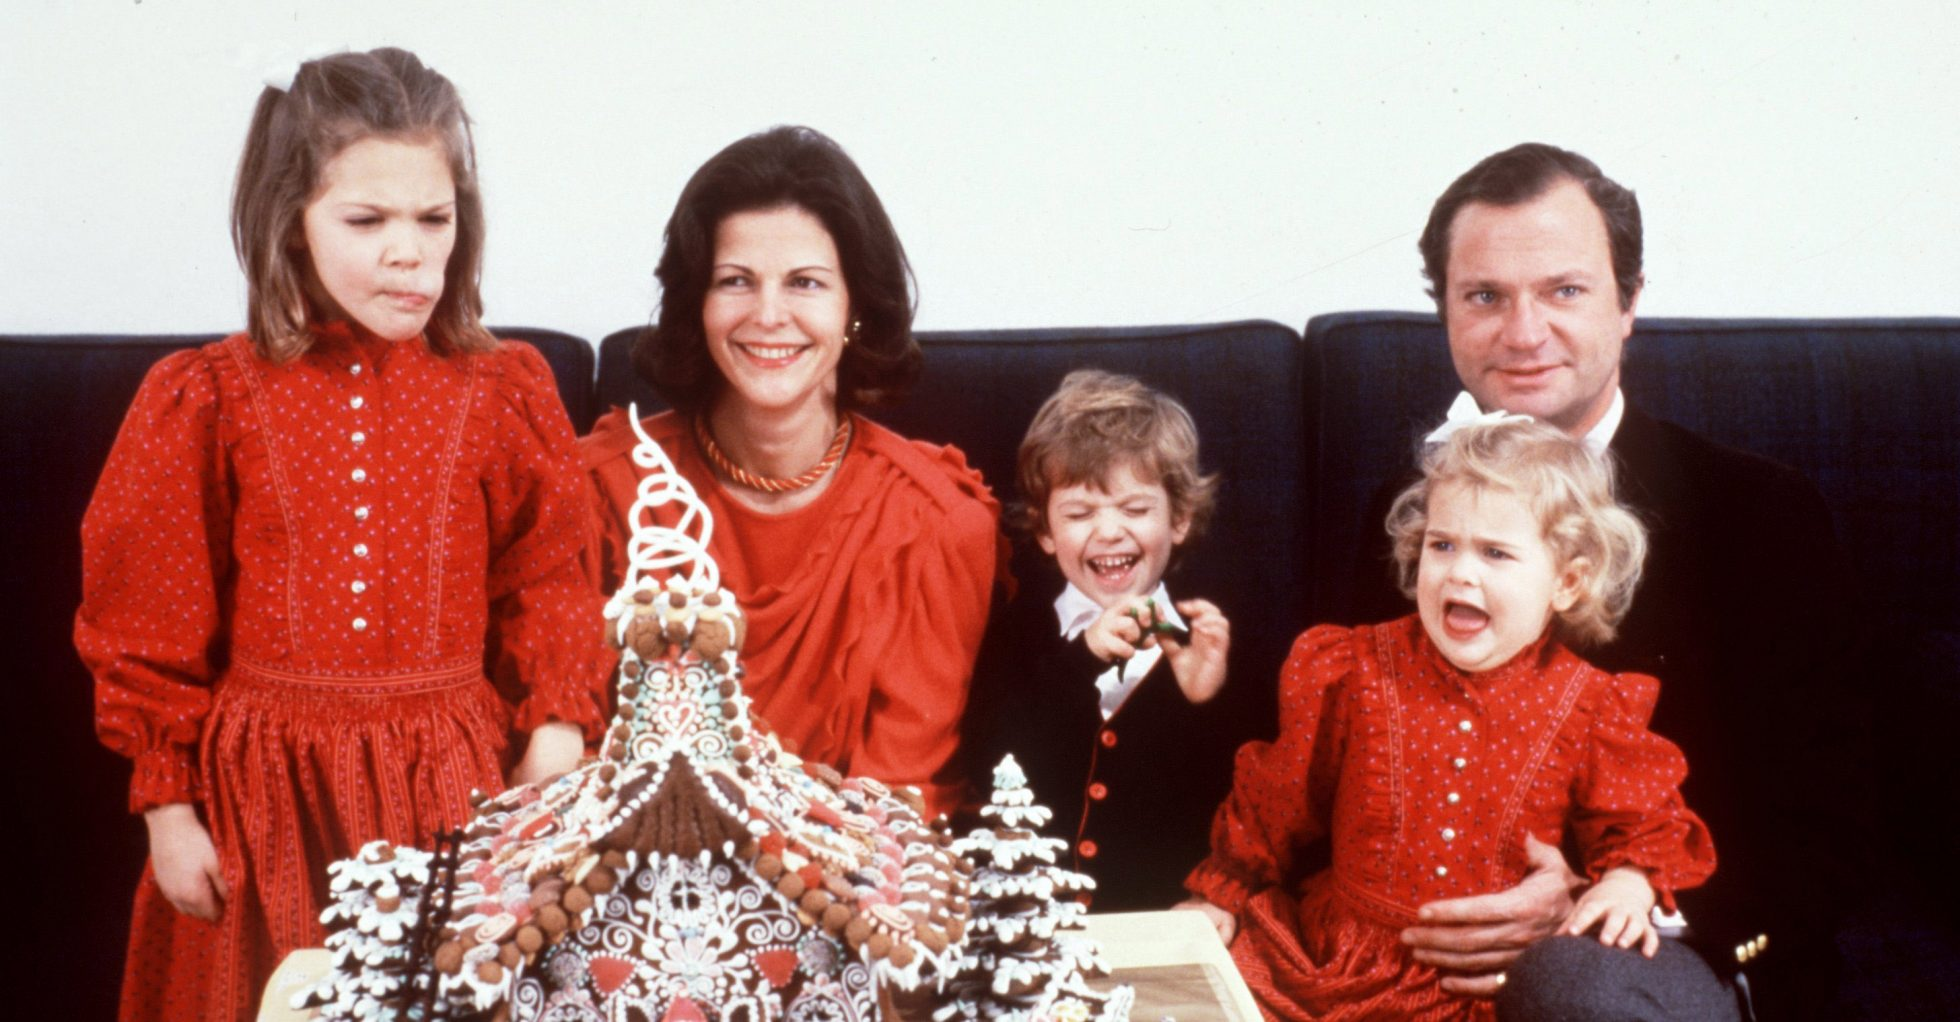 Kungligt inslag på julbordet